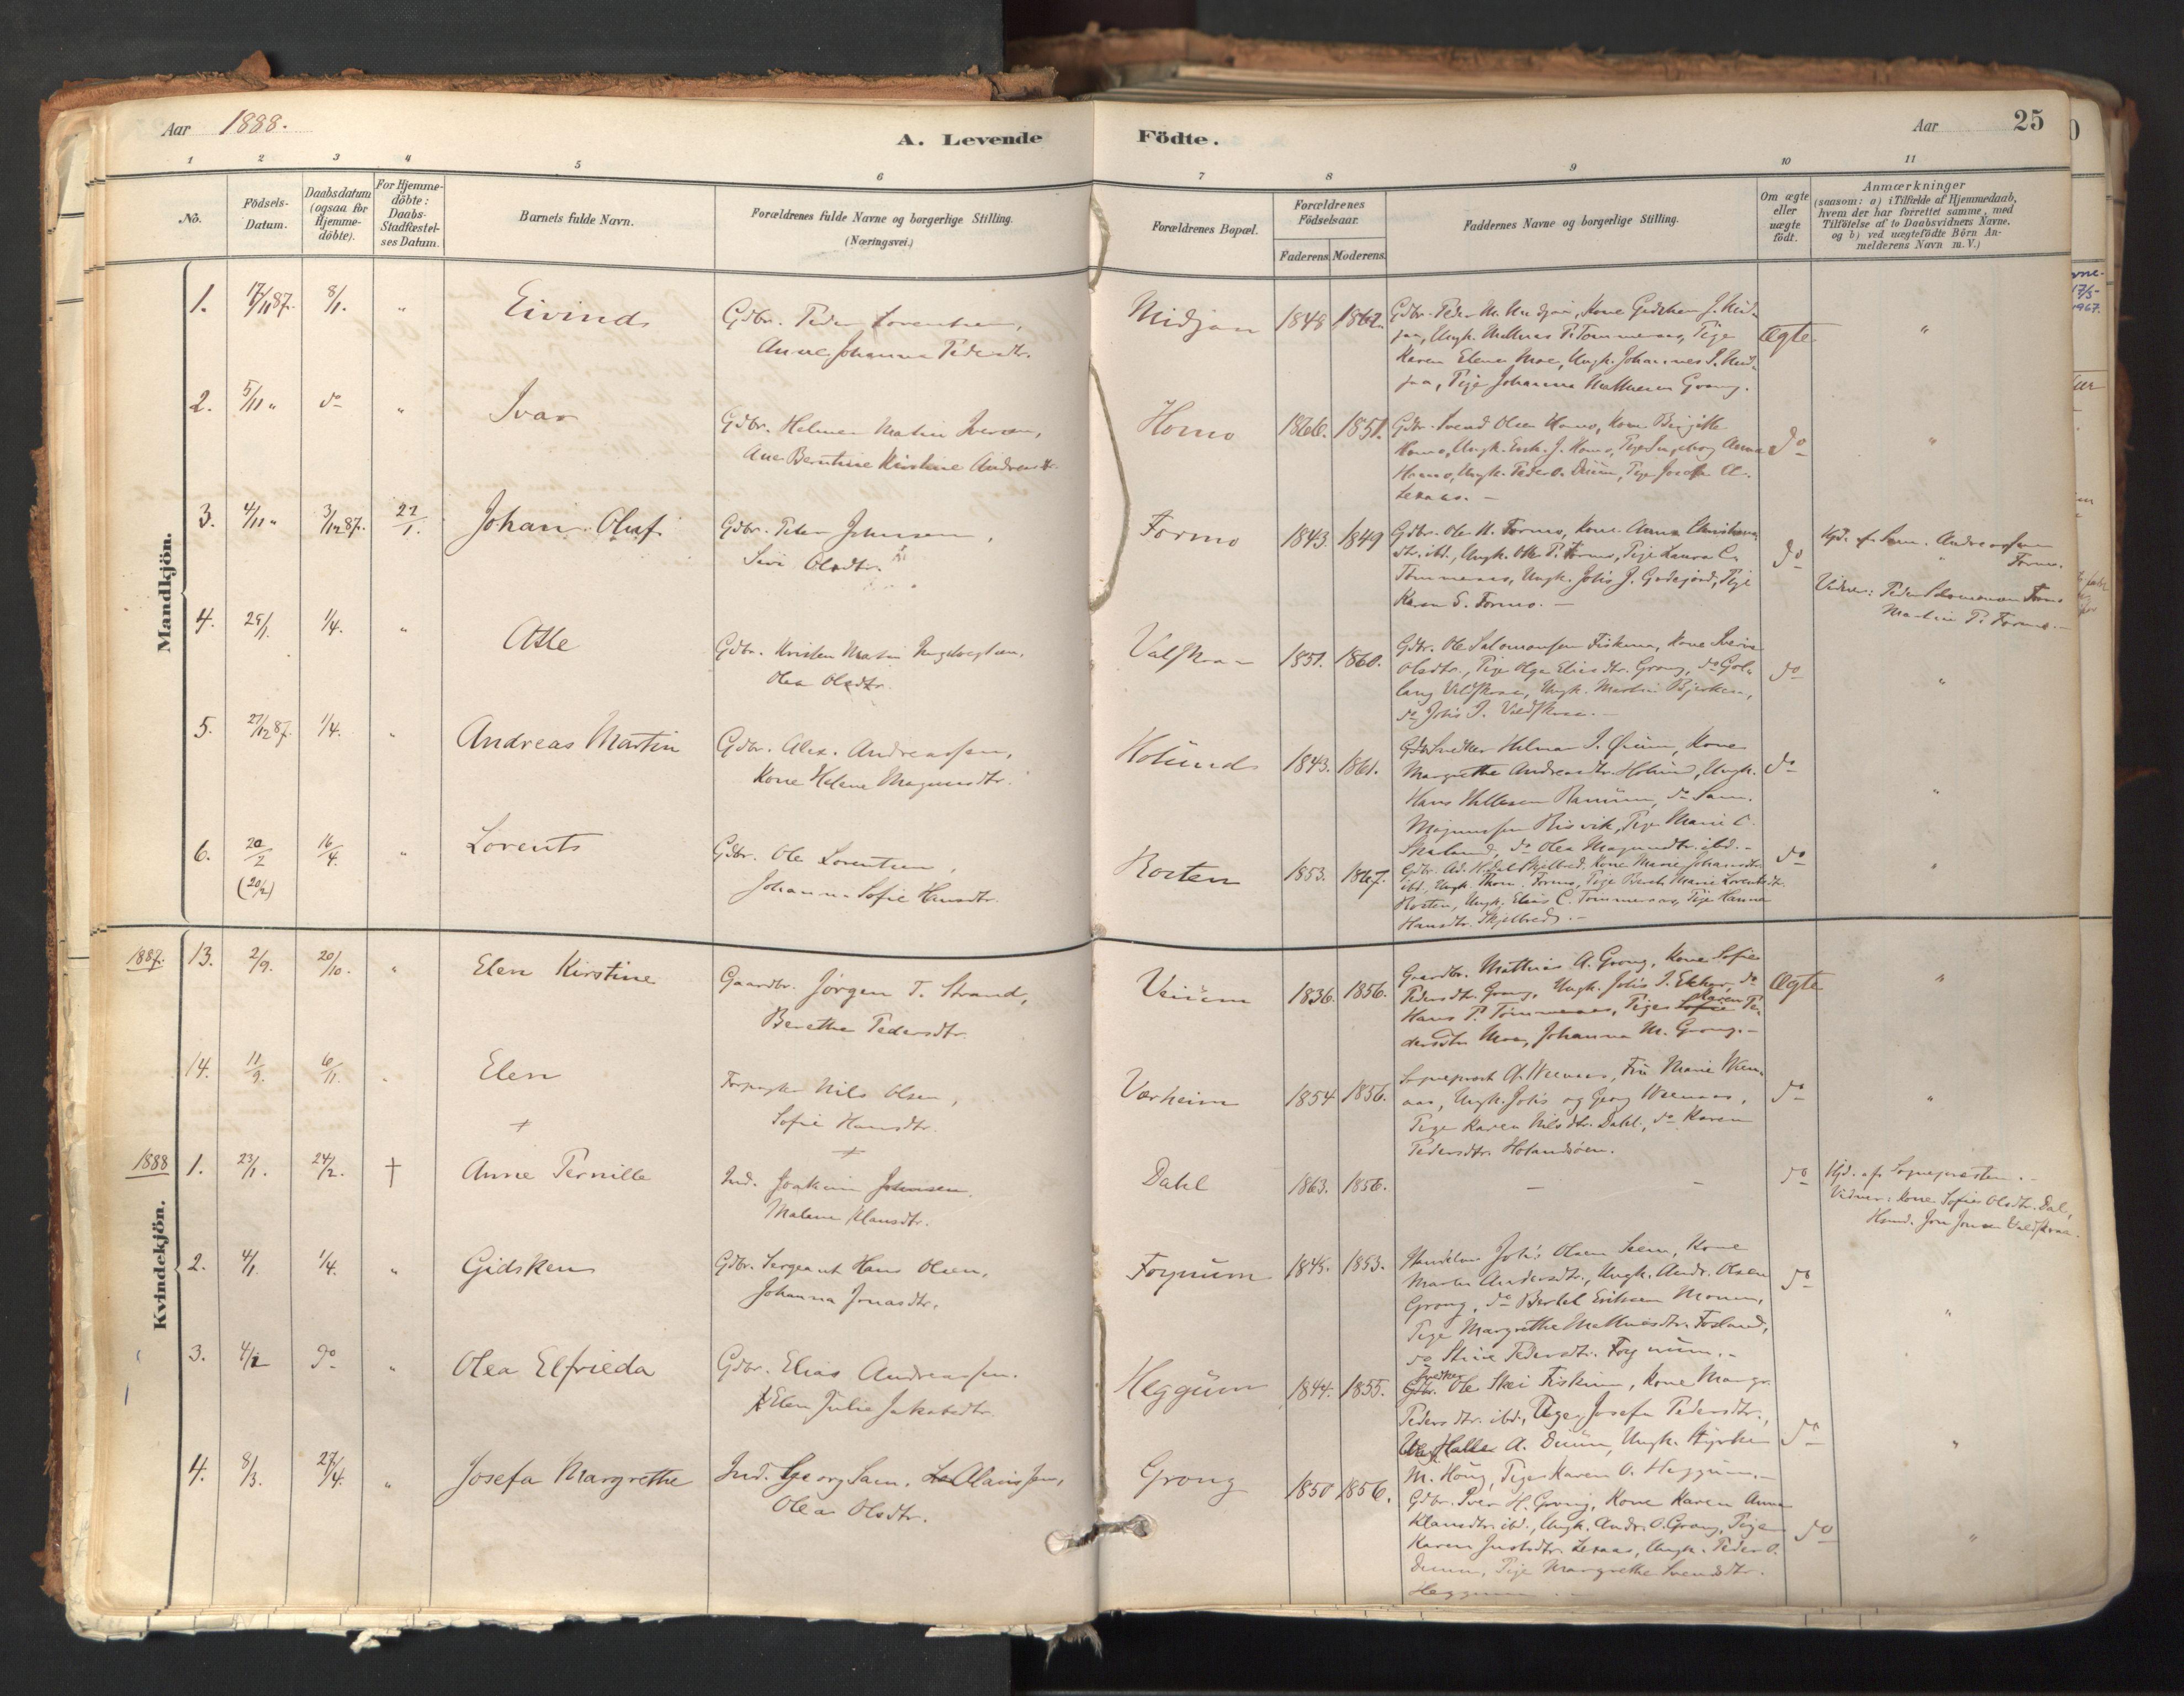 SAT, Ministerialprotokoller, klokkerbøker og fødselsregistre - Nord-Trøndelag, 758/L0519: Ministerialbok nr. 758A04, 1880-1926, s. 25